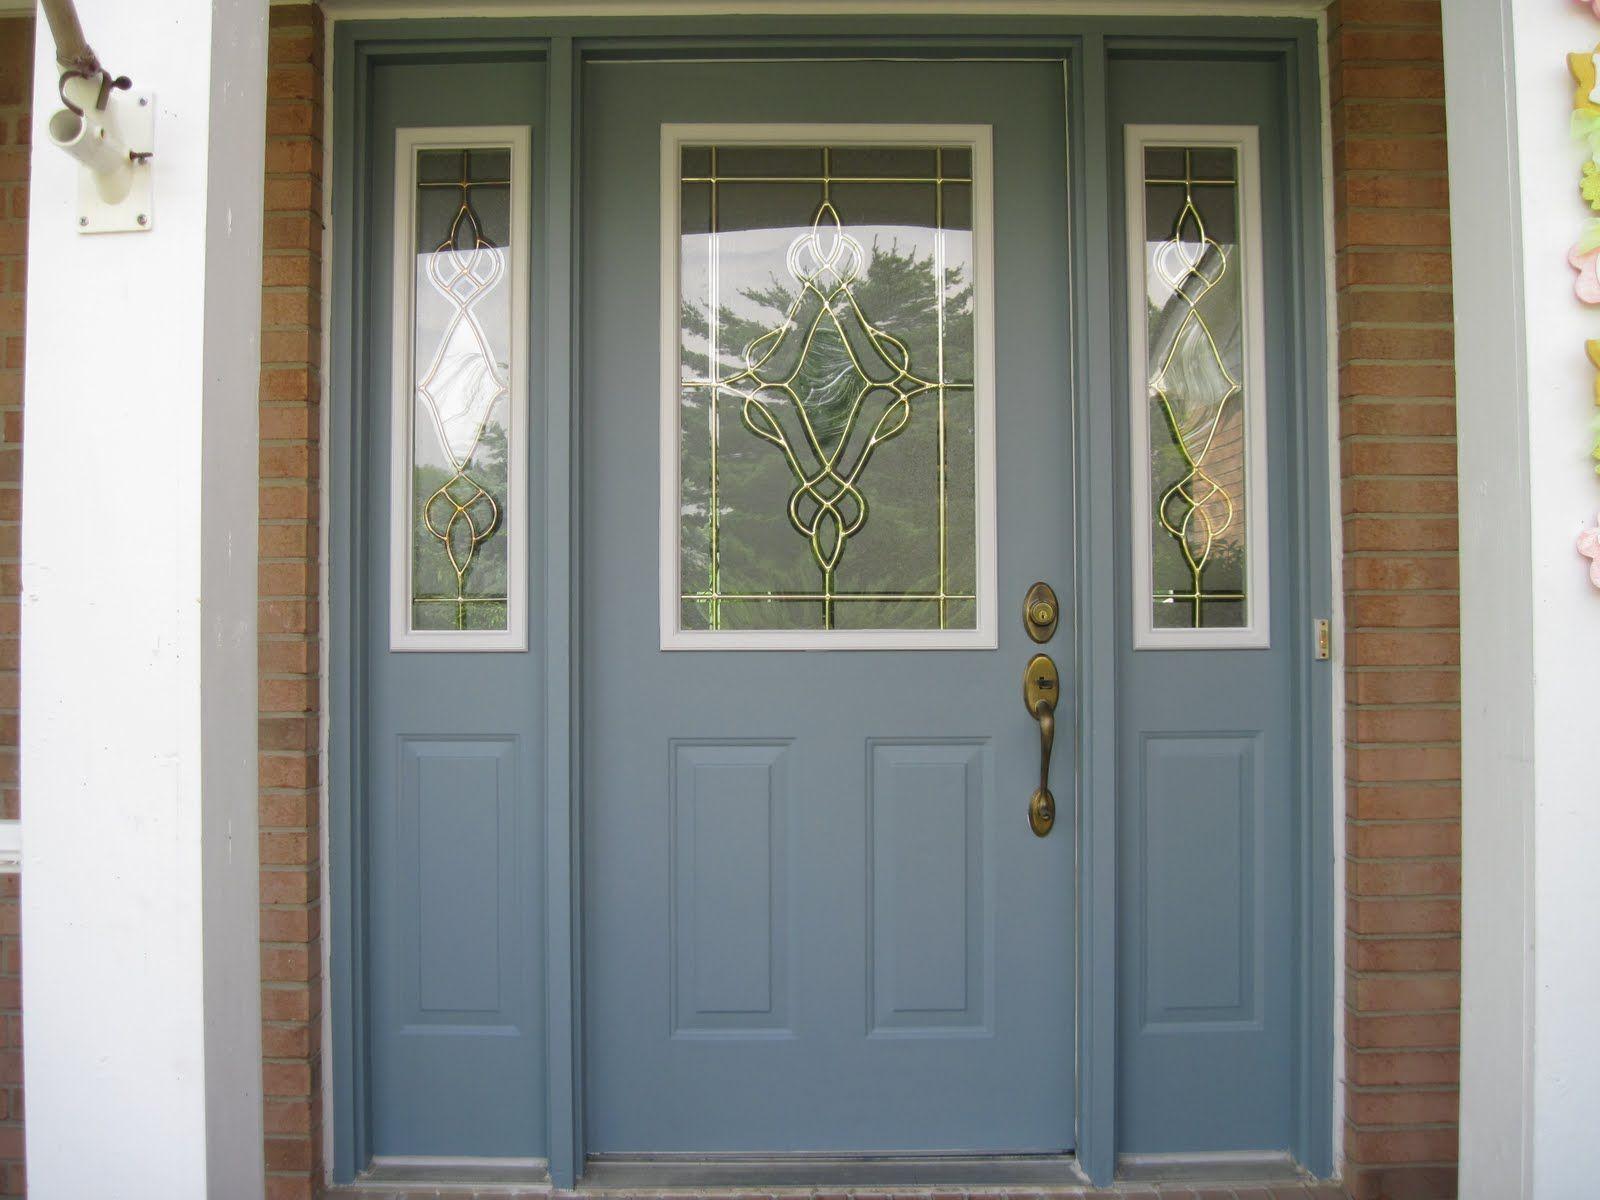 Van courtland blue by benjamin moore exterior in 2019 doors paint colors exterior front for Benjamin moore exterior door colors